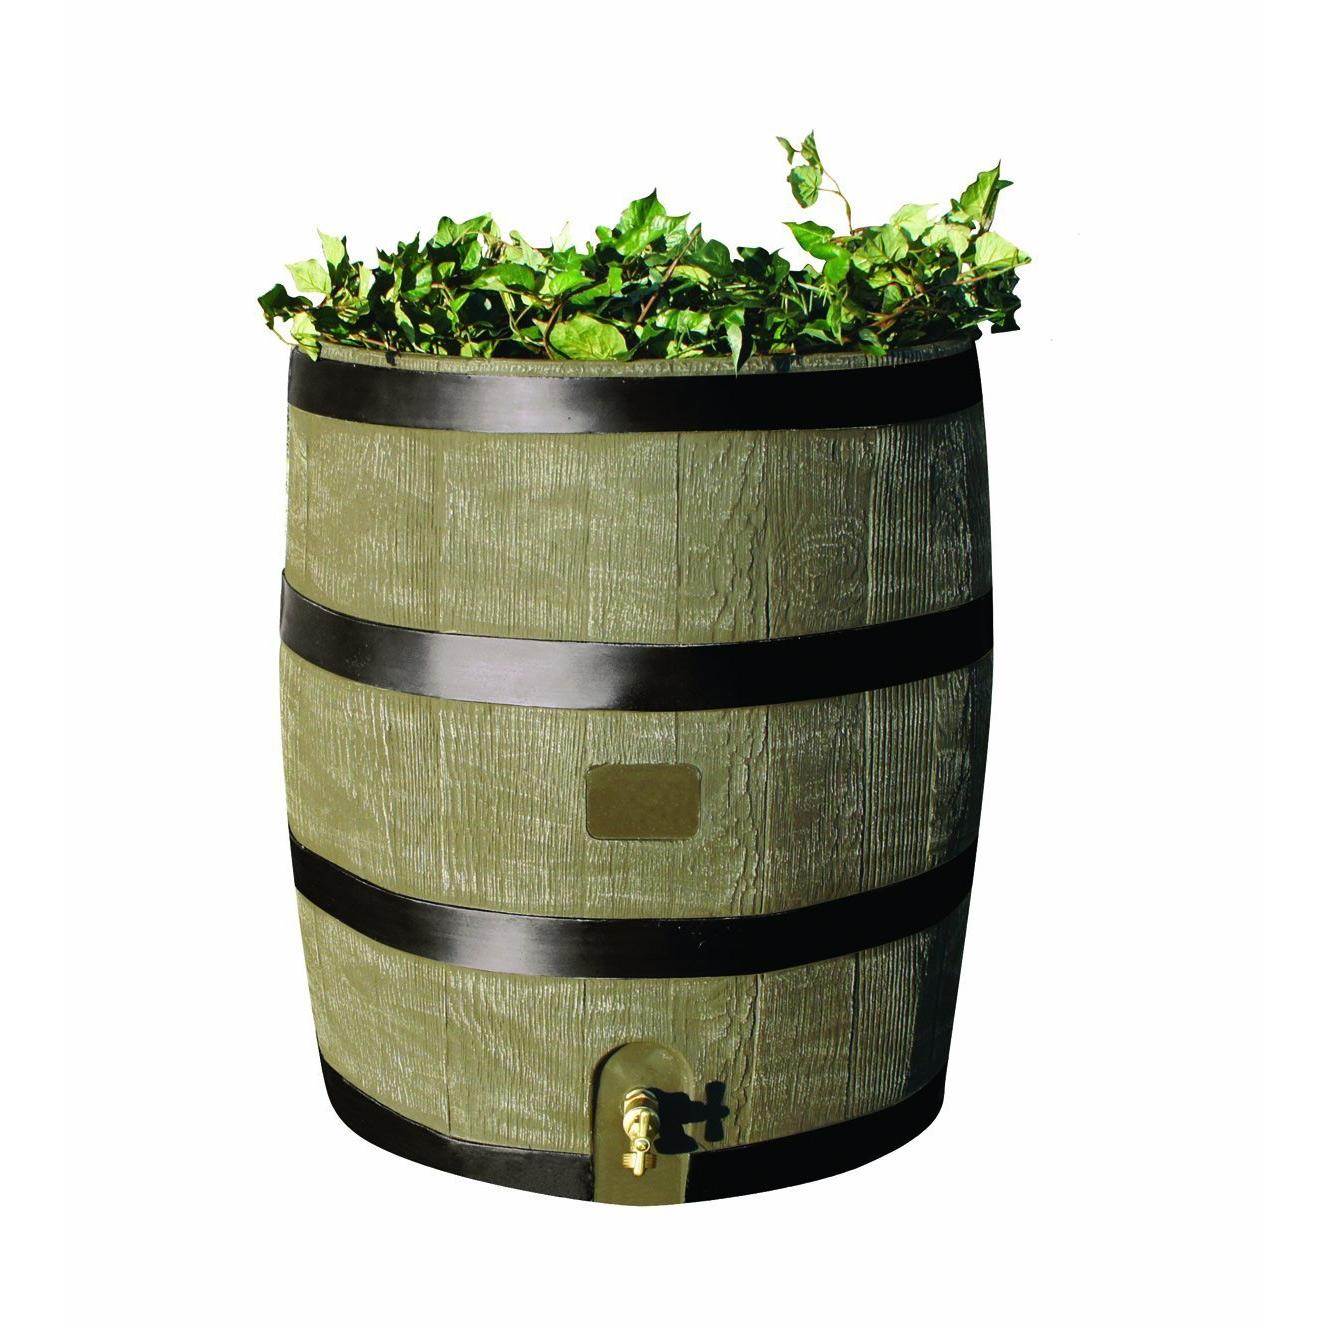 2-in-1 Rain Barrel Planter